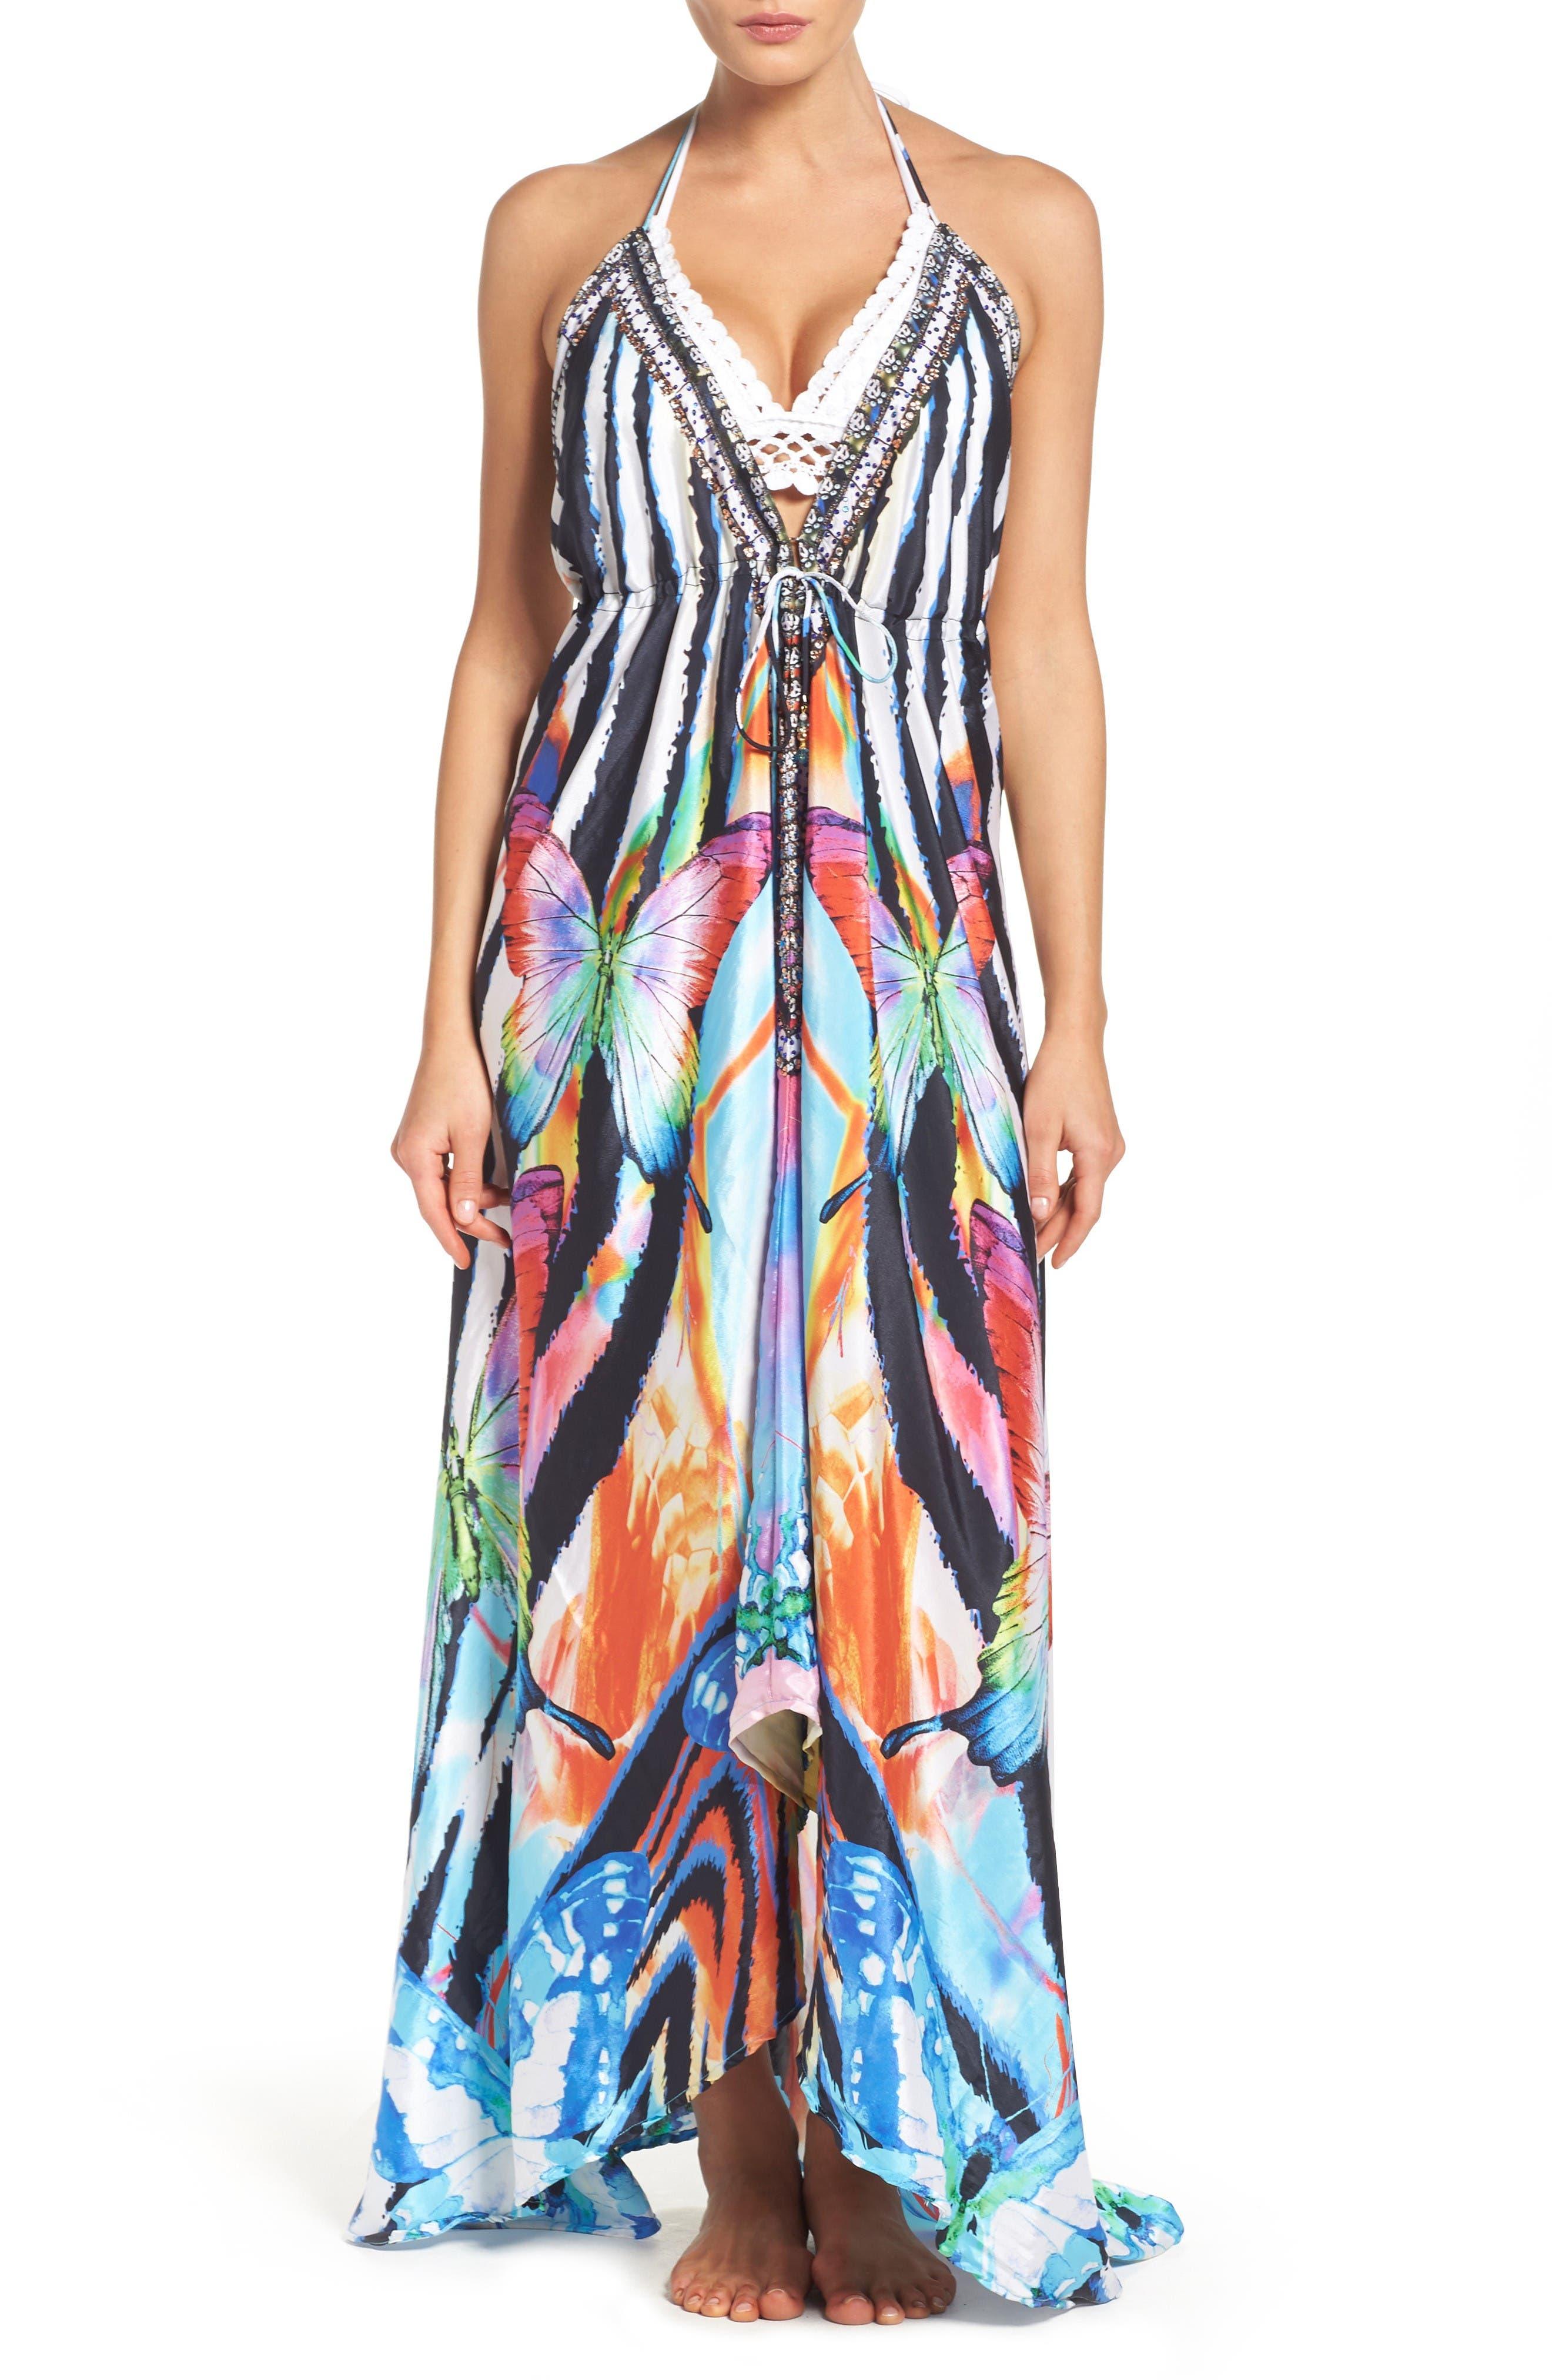 Asa Kaftans Tortuga Cover-Up Maxi Dress